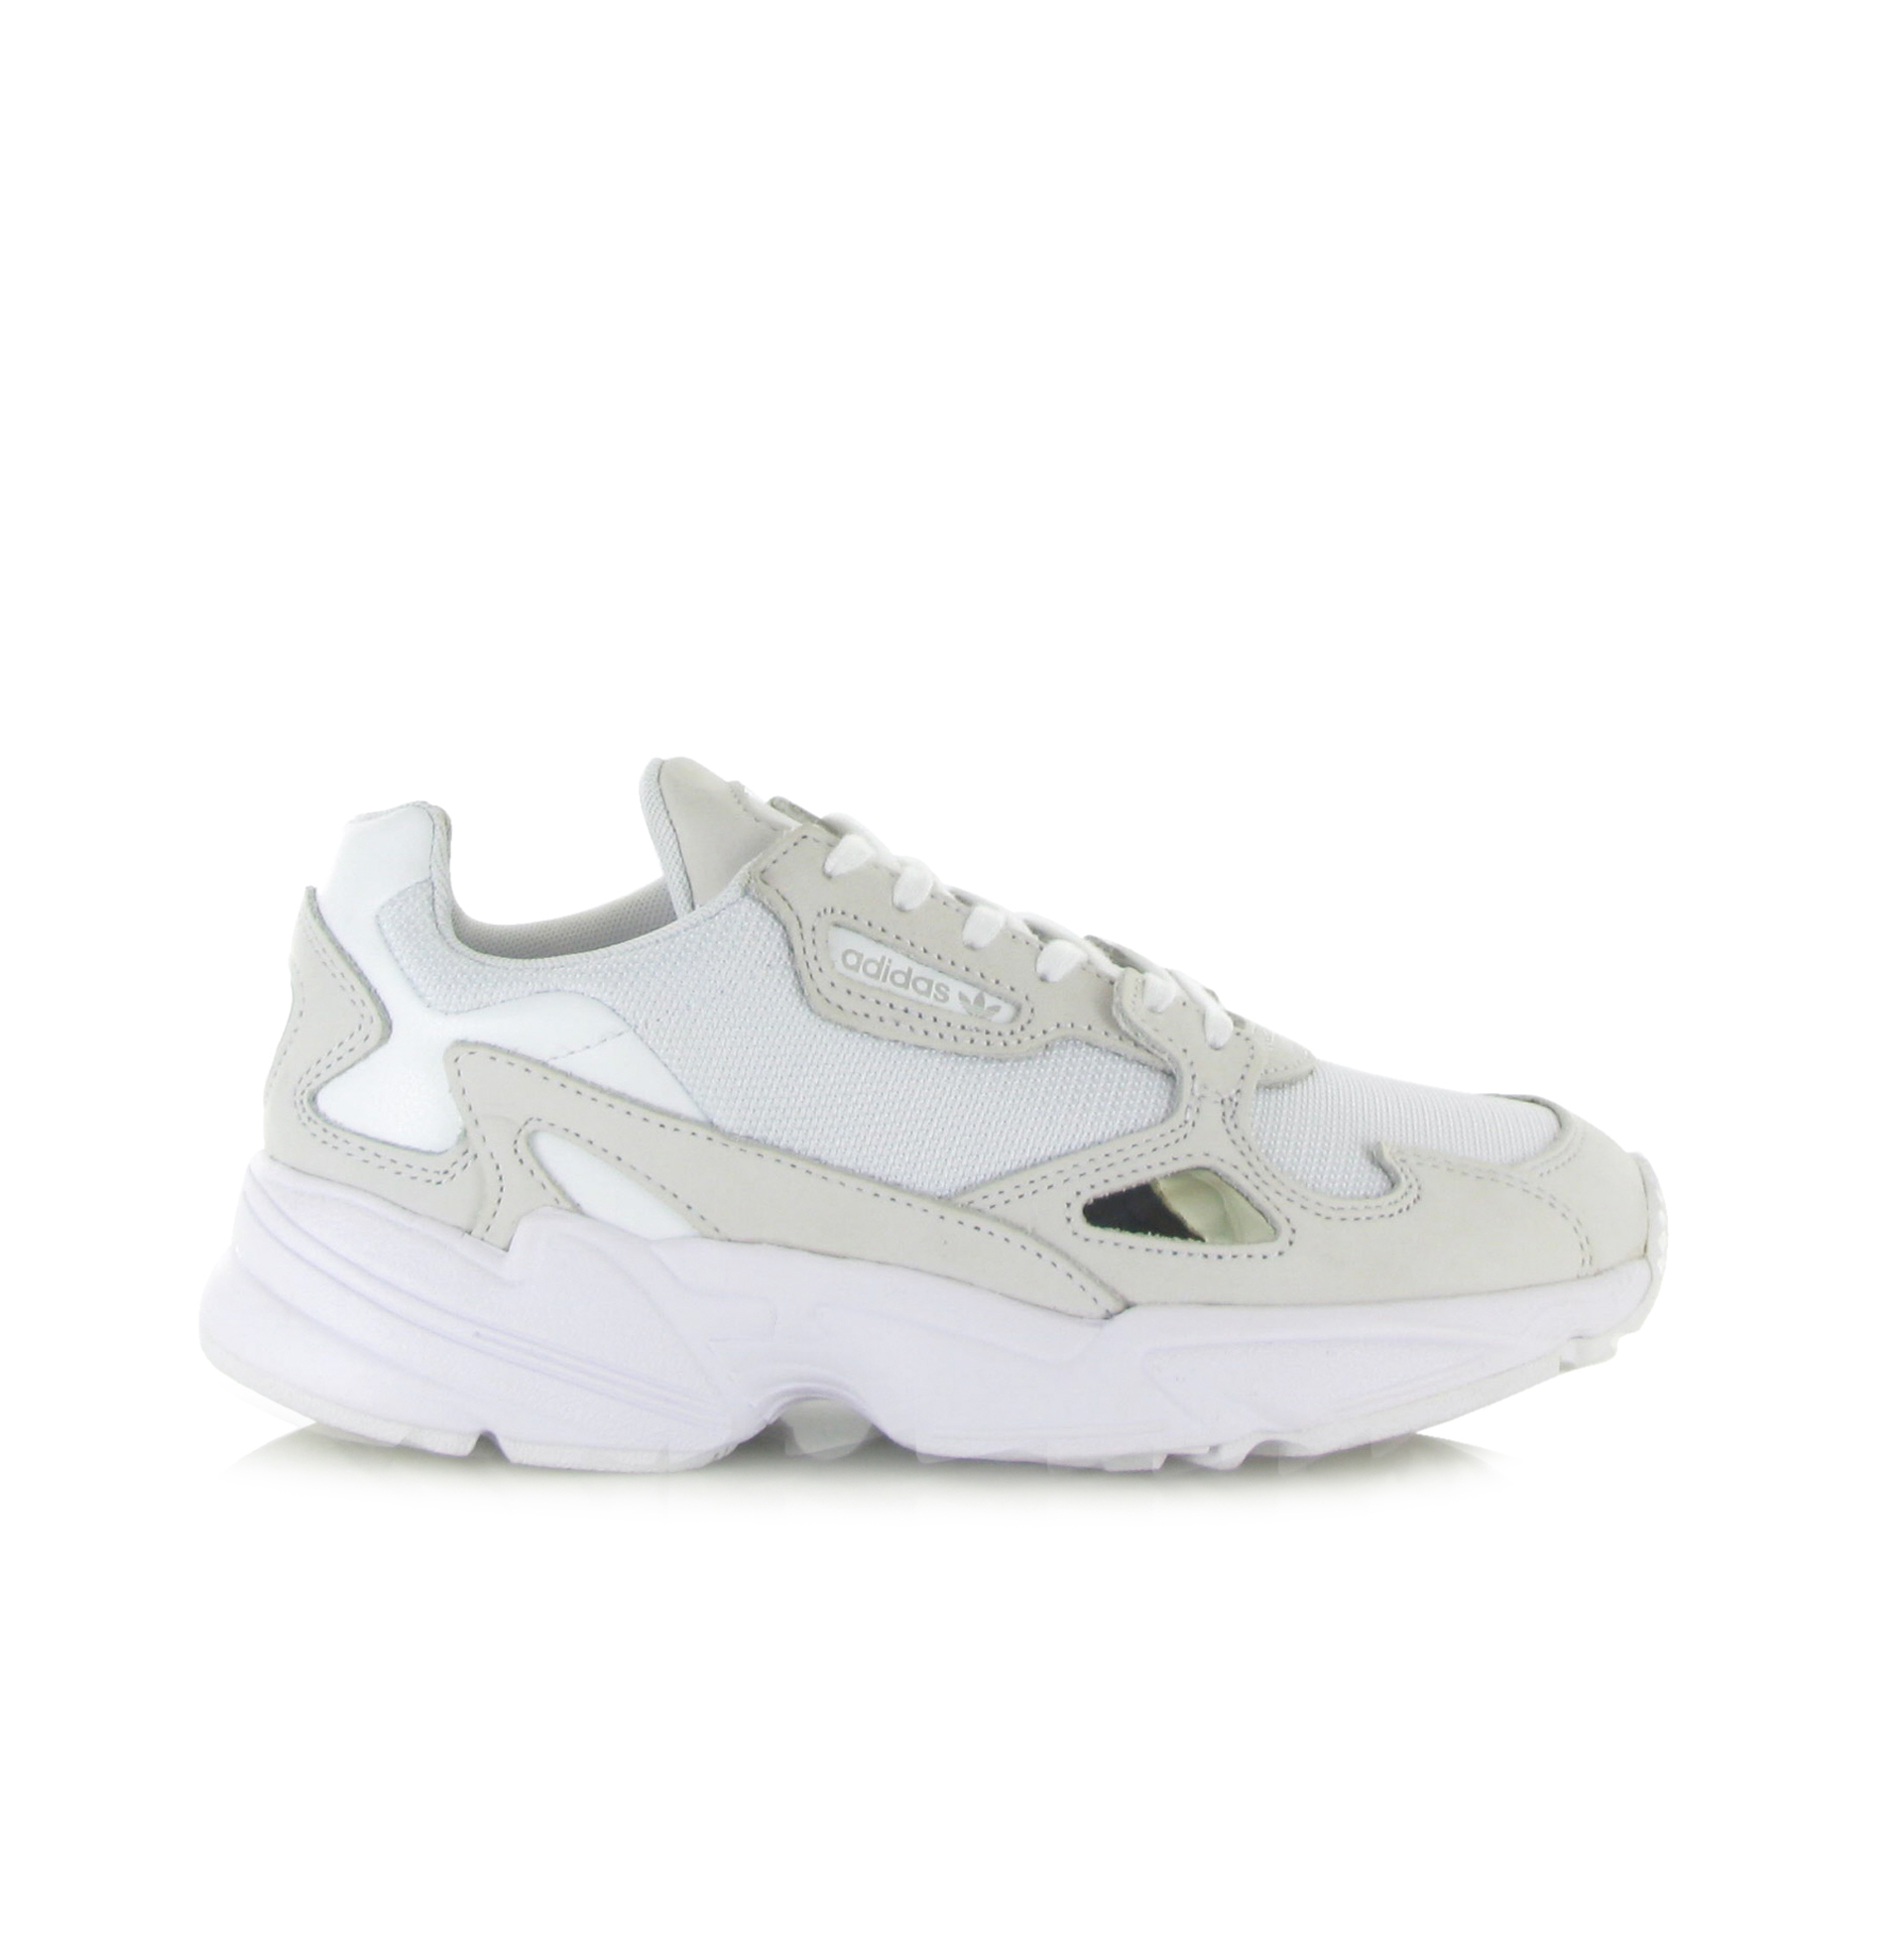 partij adidas schoenen kopen